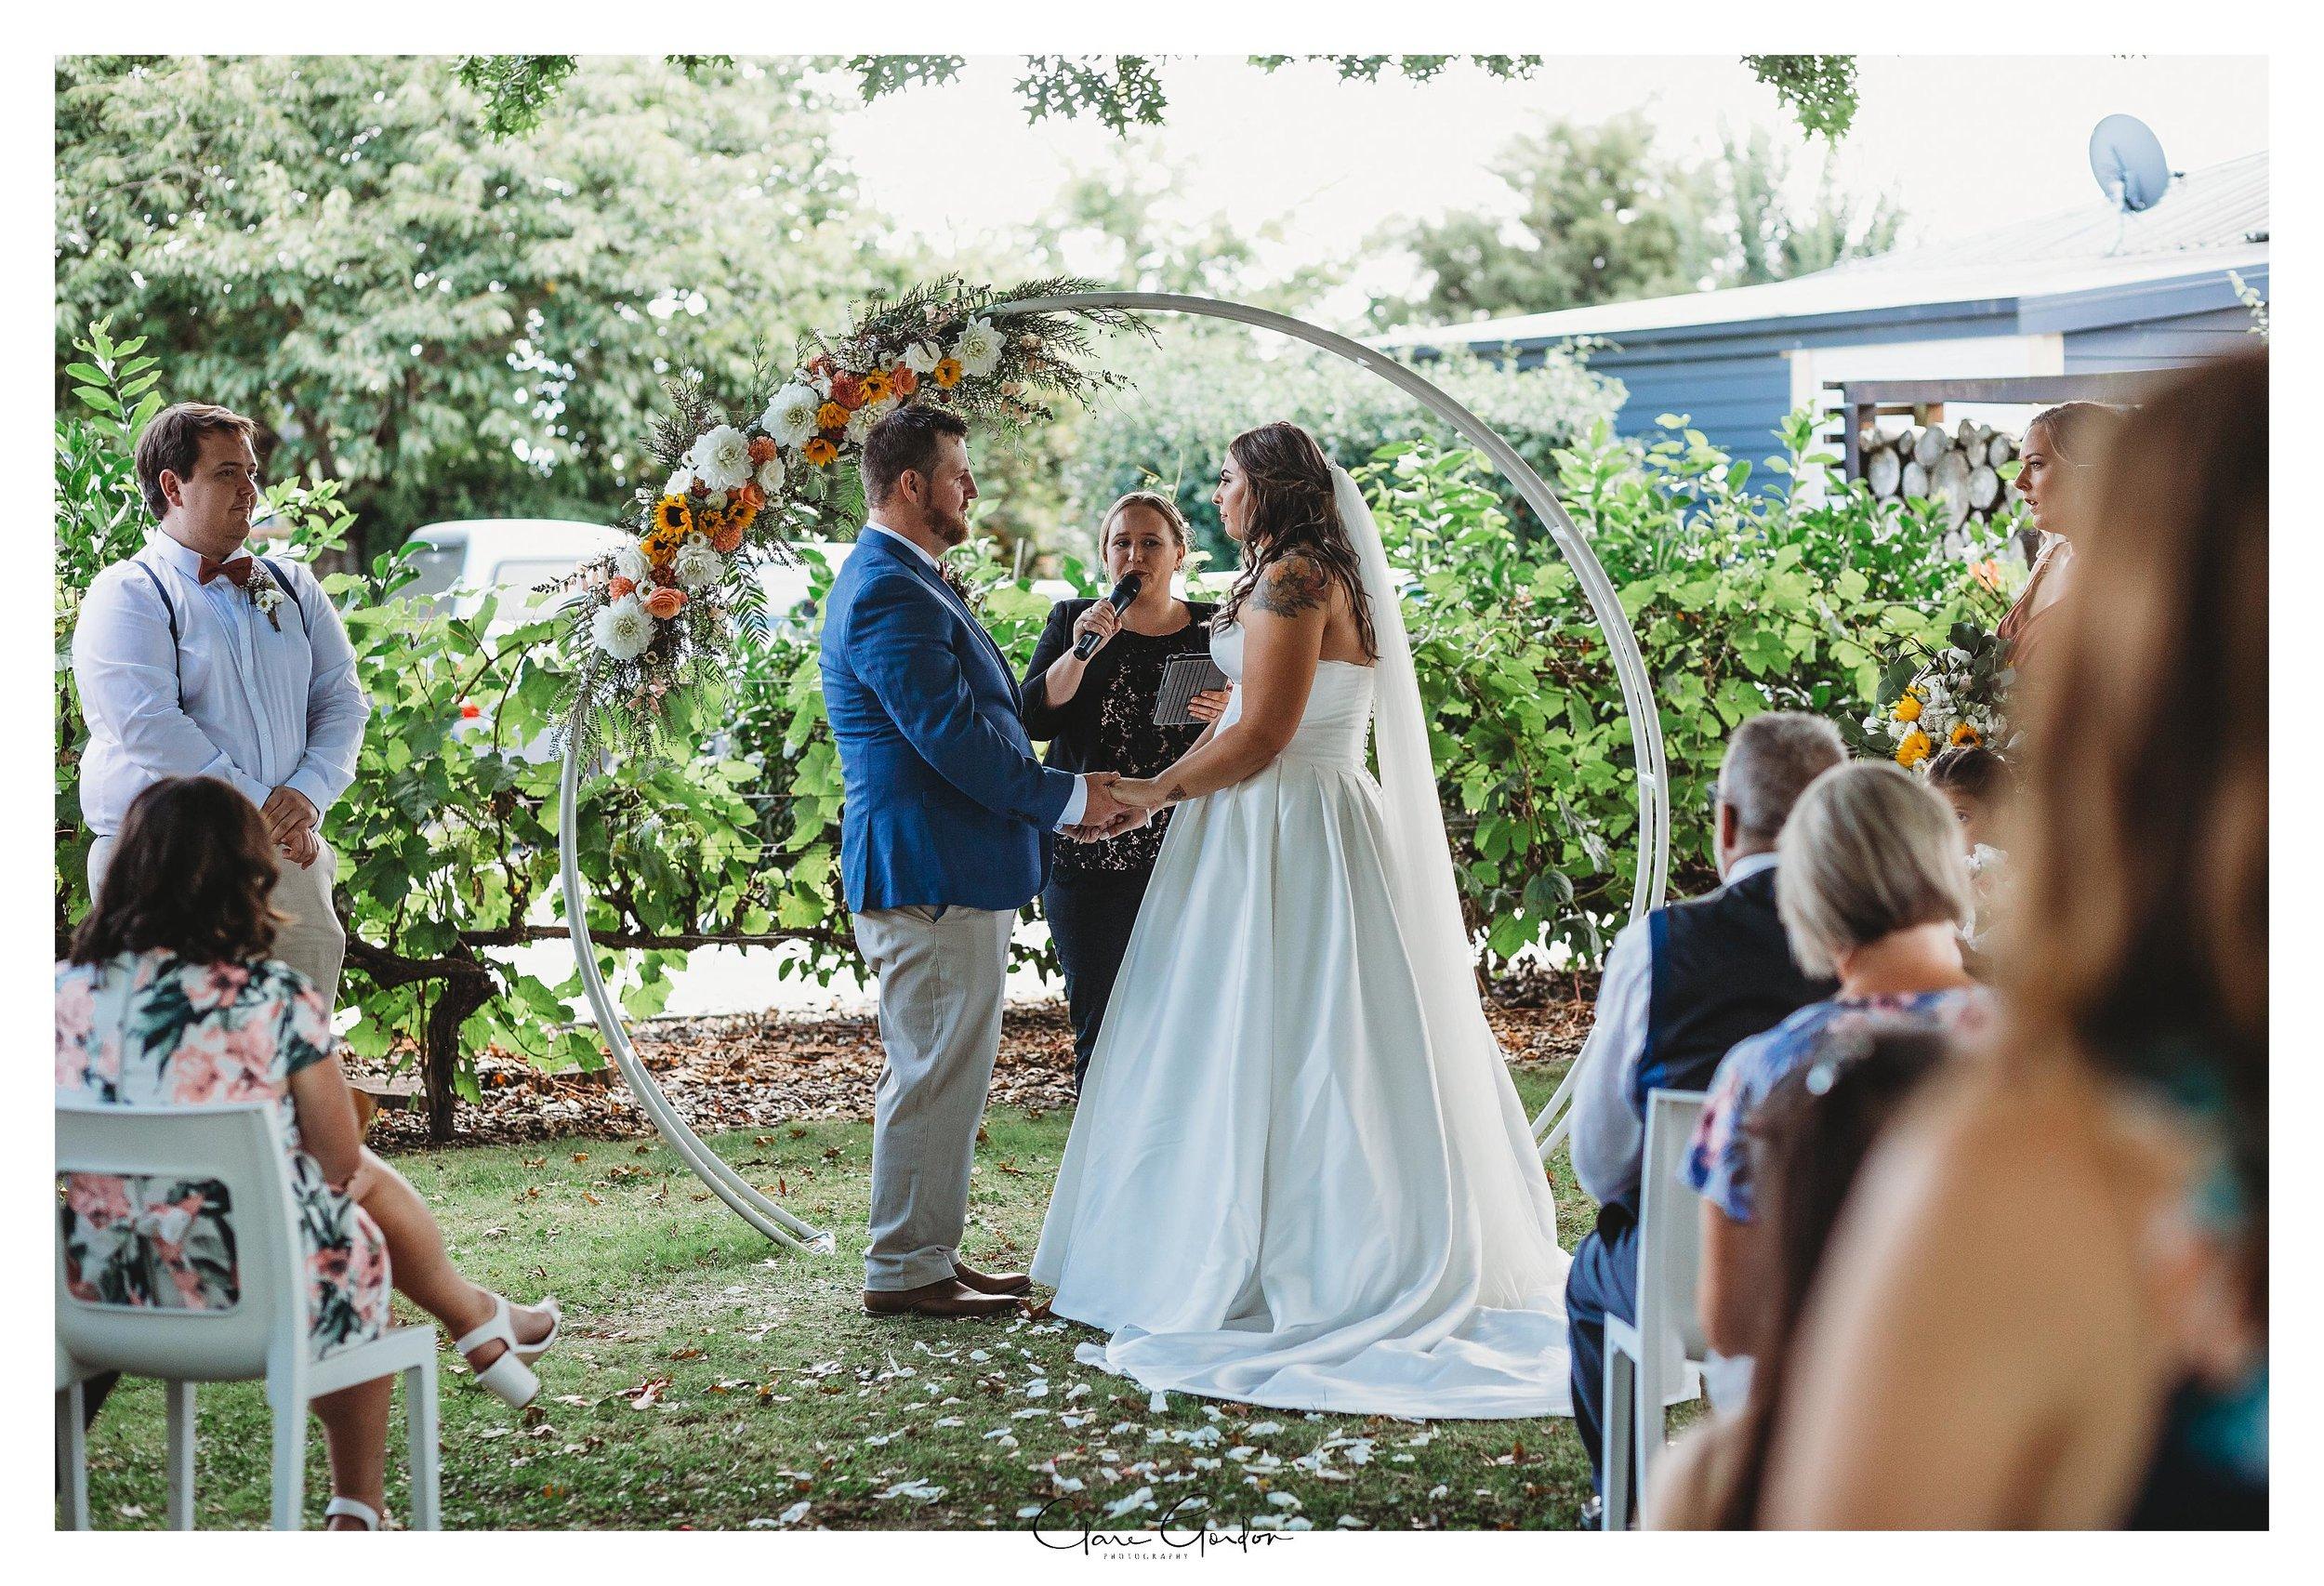 Bride-and-groom-wedding-photo-Coopers-function-room-waikato-wedding